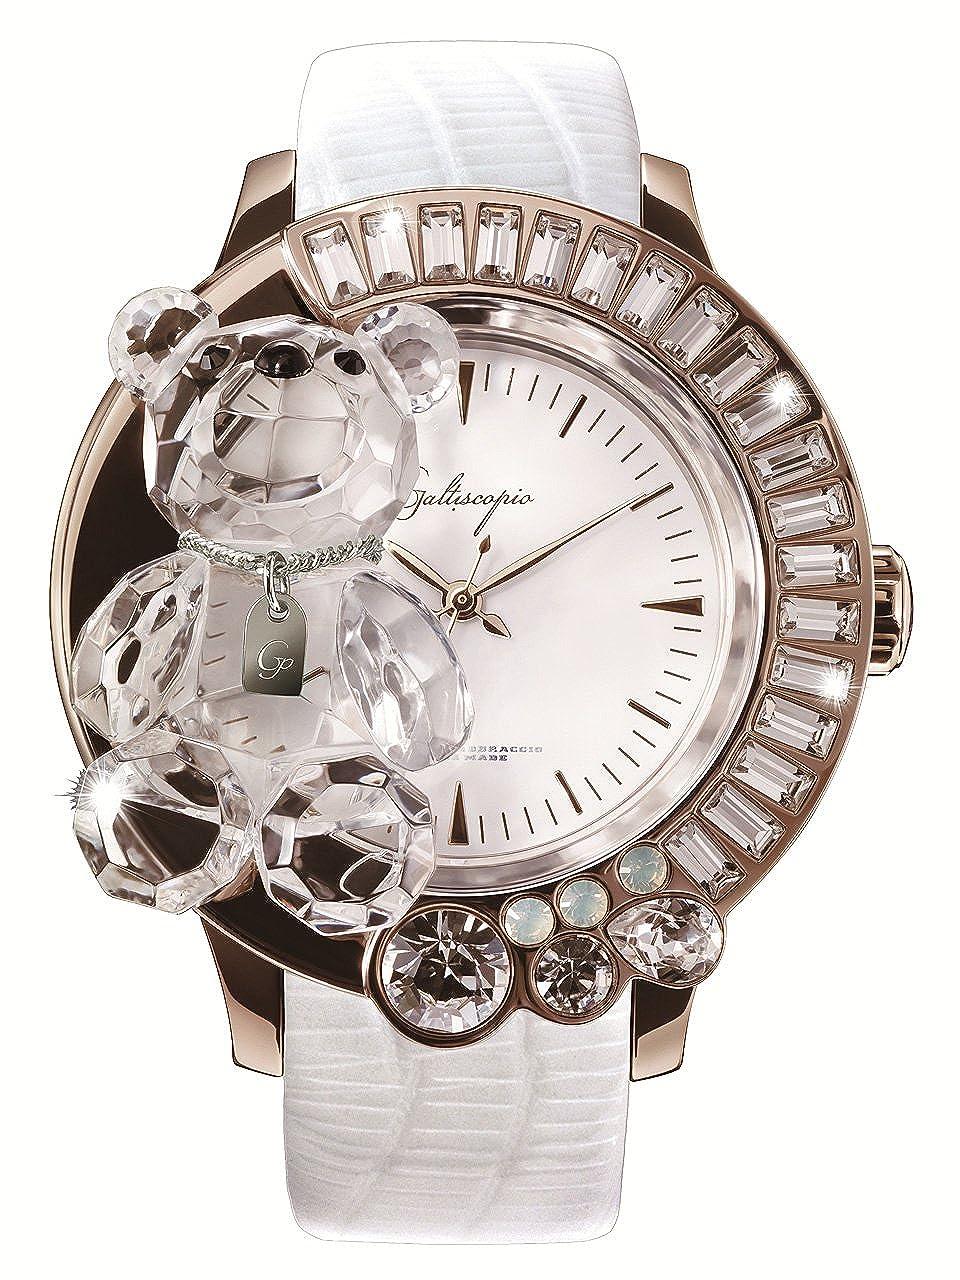 [ガルティスコピオ] Galtiscopio 腕時計 DABRGS001WLS 熊15 白/ローズゴールド スワロフスキー クリスタル キラキラ レディース 日本正規総代理店 [正規輸入品] [時計] B00FC0EEXM